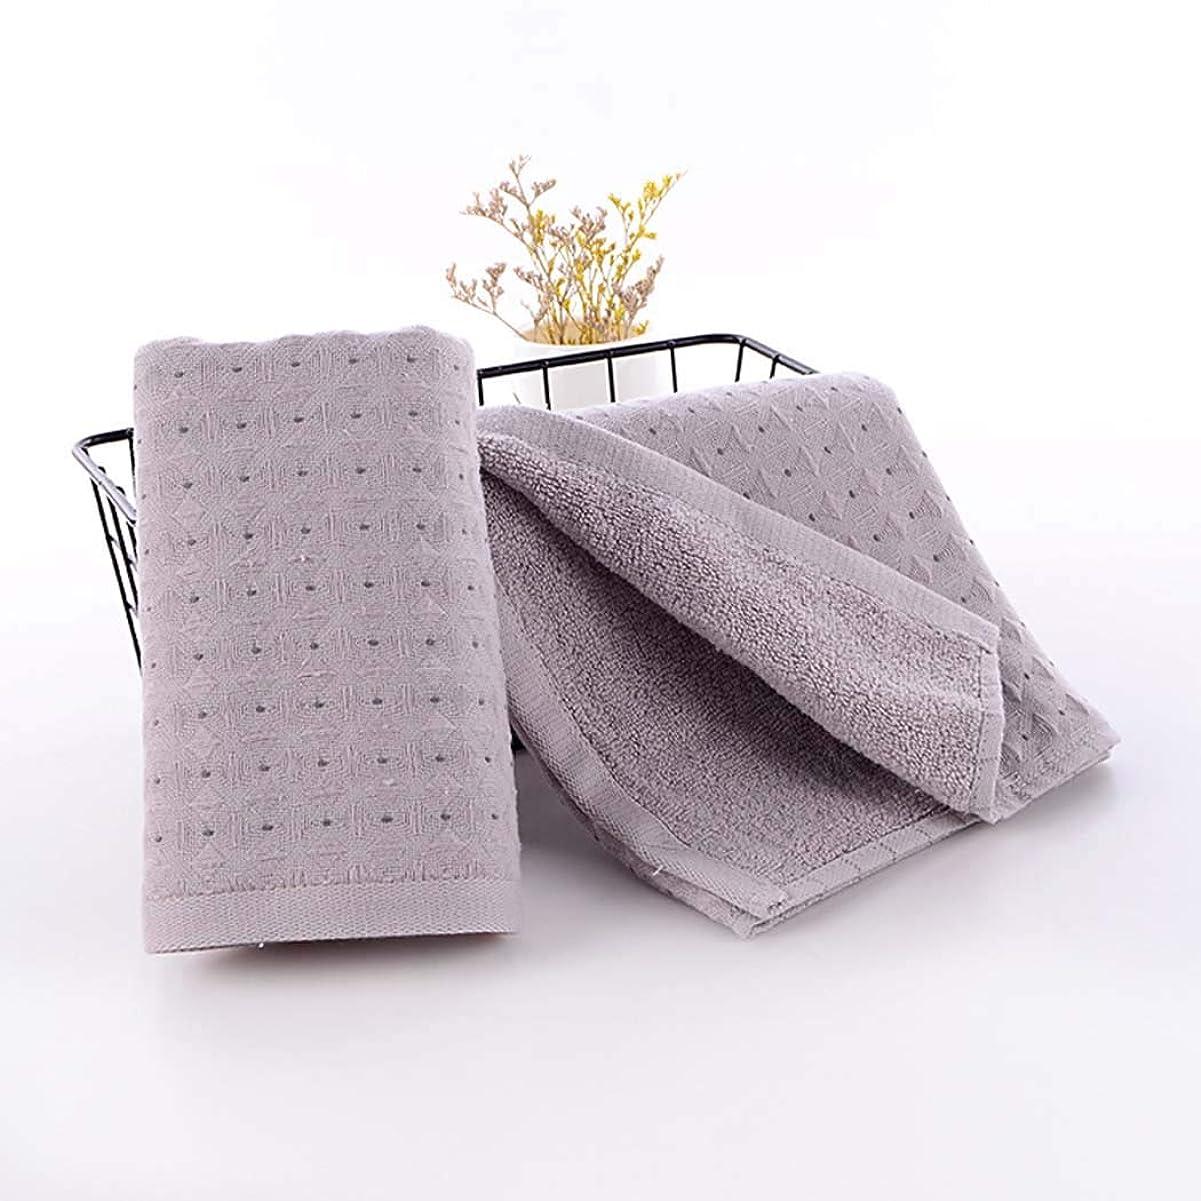 蓄積する腐敗したお金ゴム綿のハンドタオルの速い乾燥したタオルの速い乾燥したタオル,Gray,34*75cm